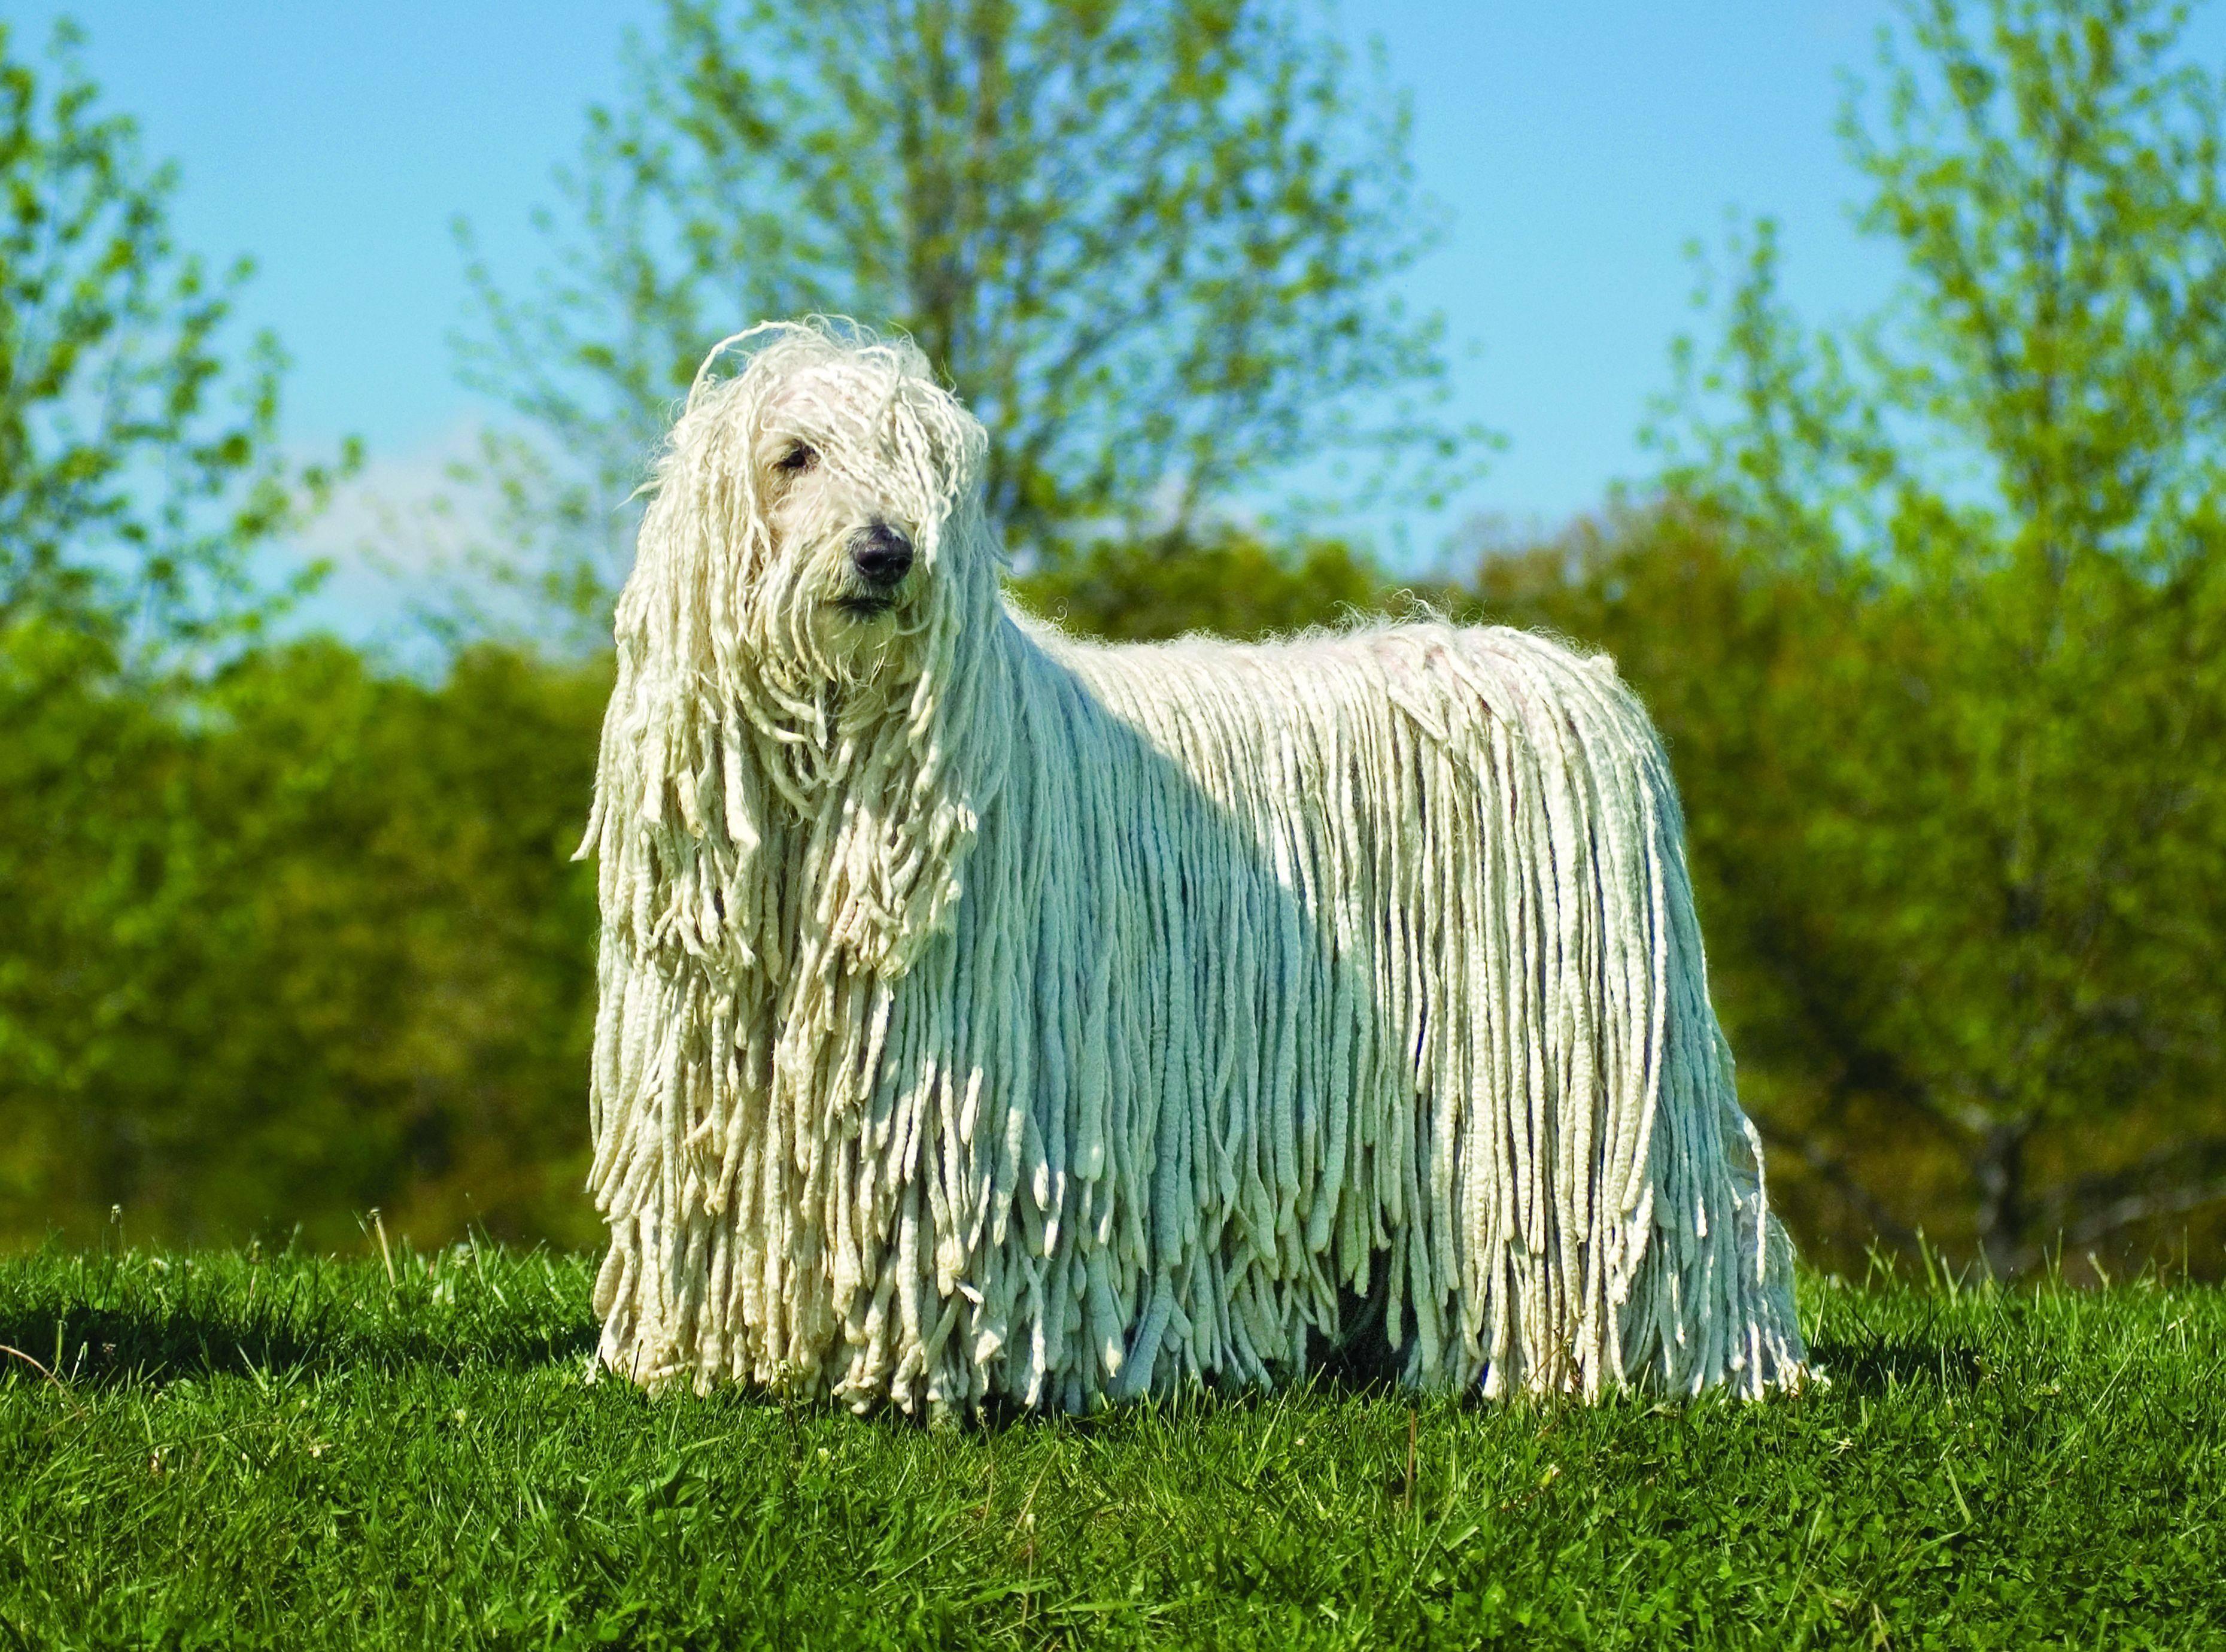 Венгерская овчарка (комондор): описание и характеристика породы, характер и дрессировка